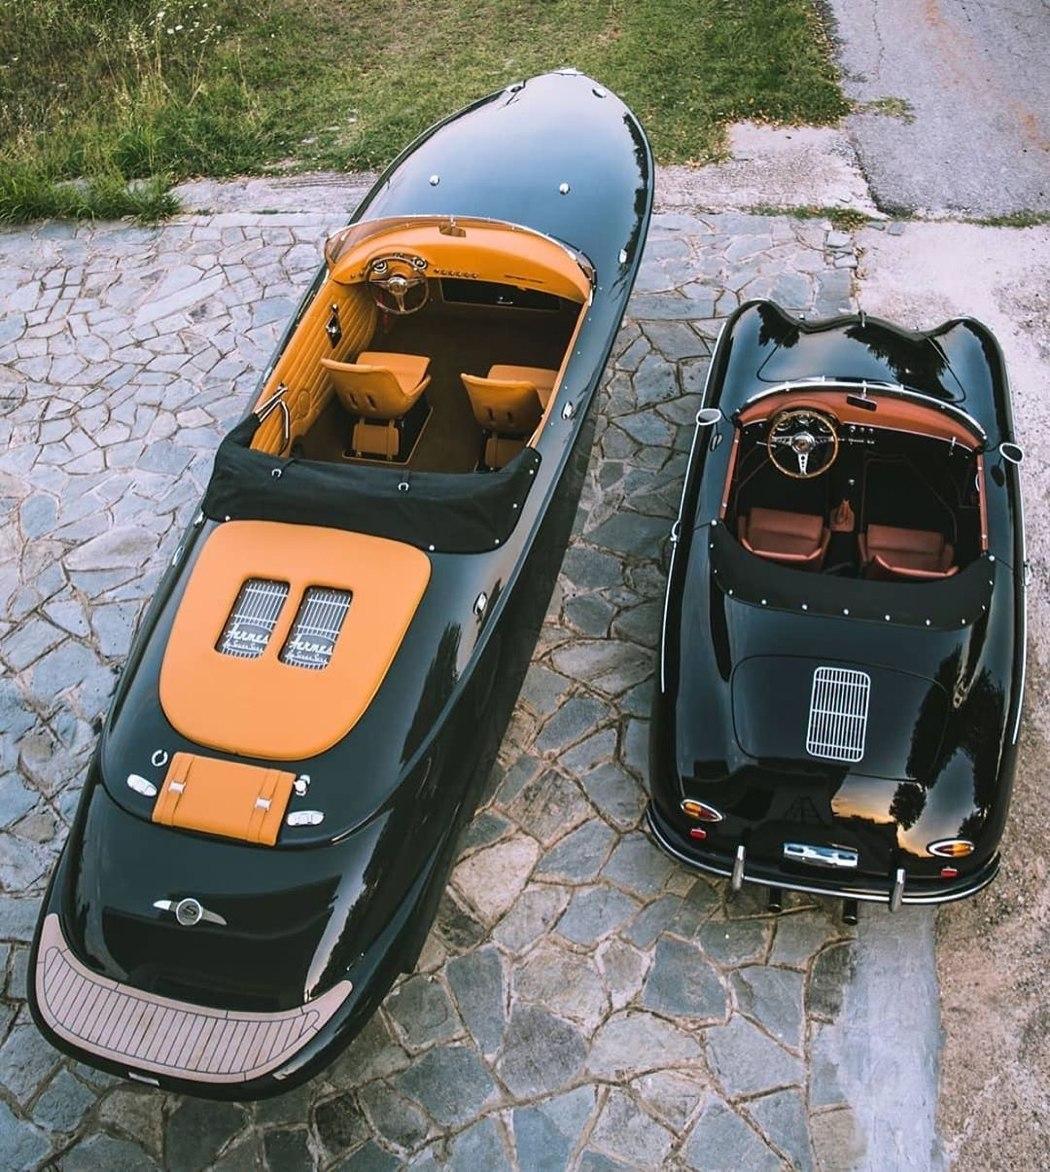 Cea mai eficientă barcă din lume este inspirată după Porsche 356 din 1950!